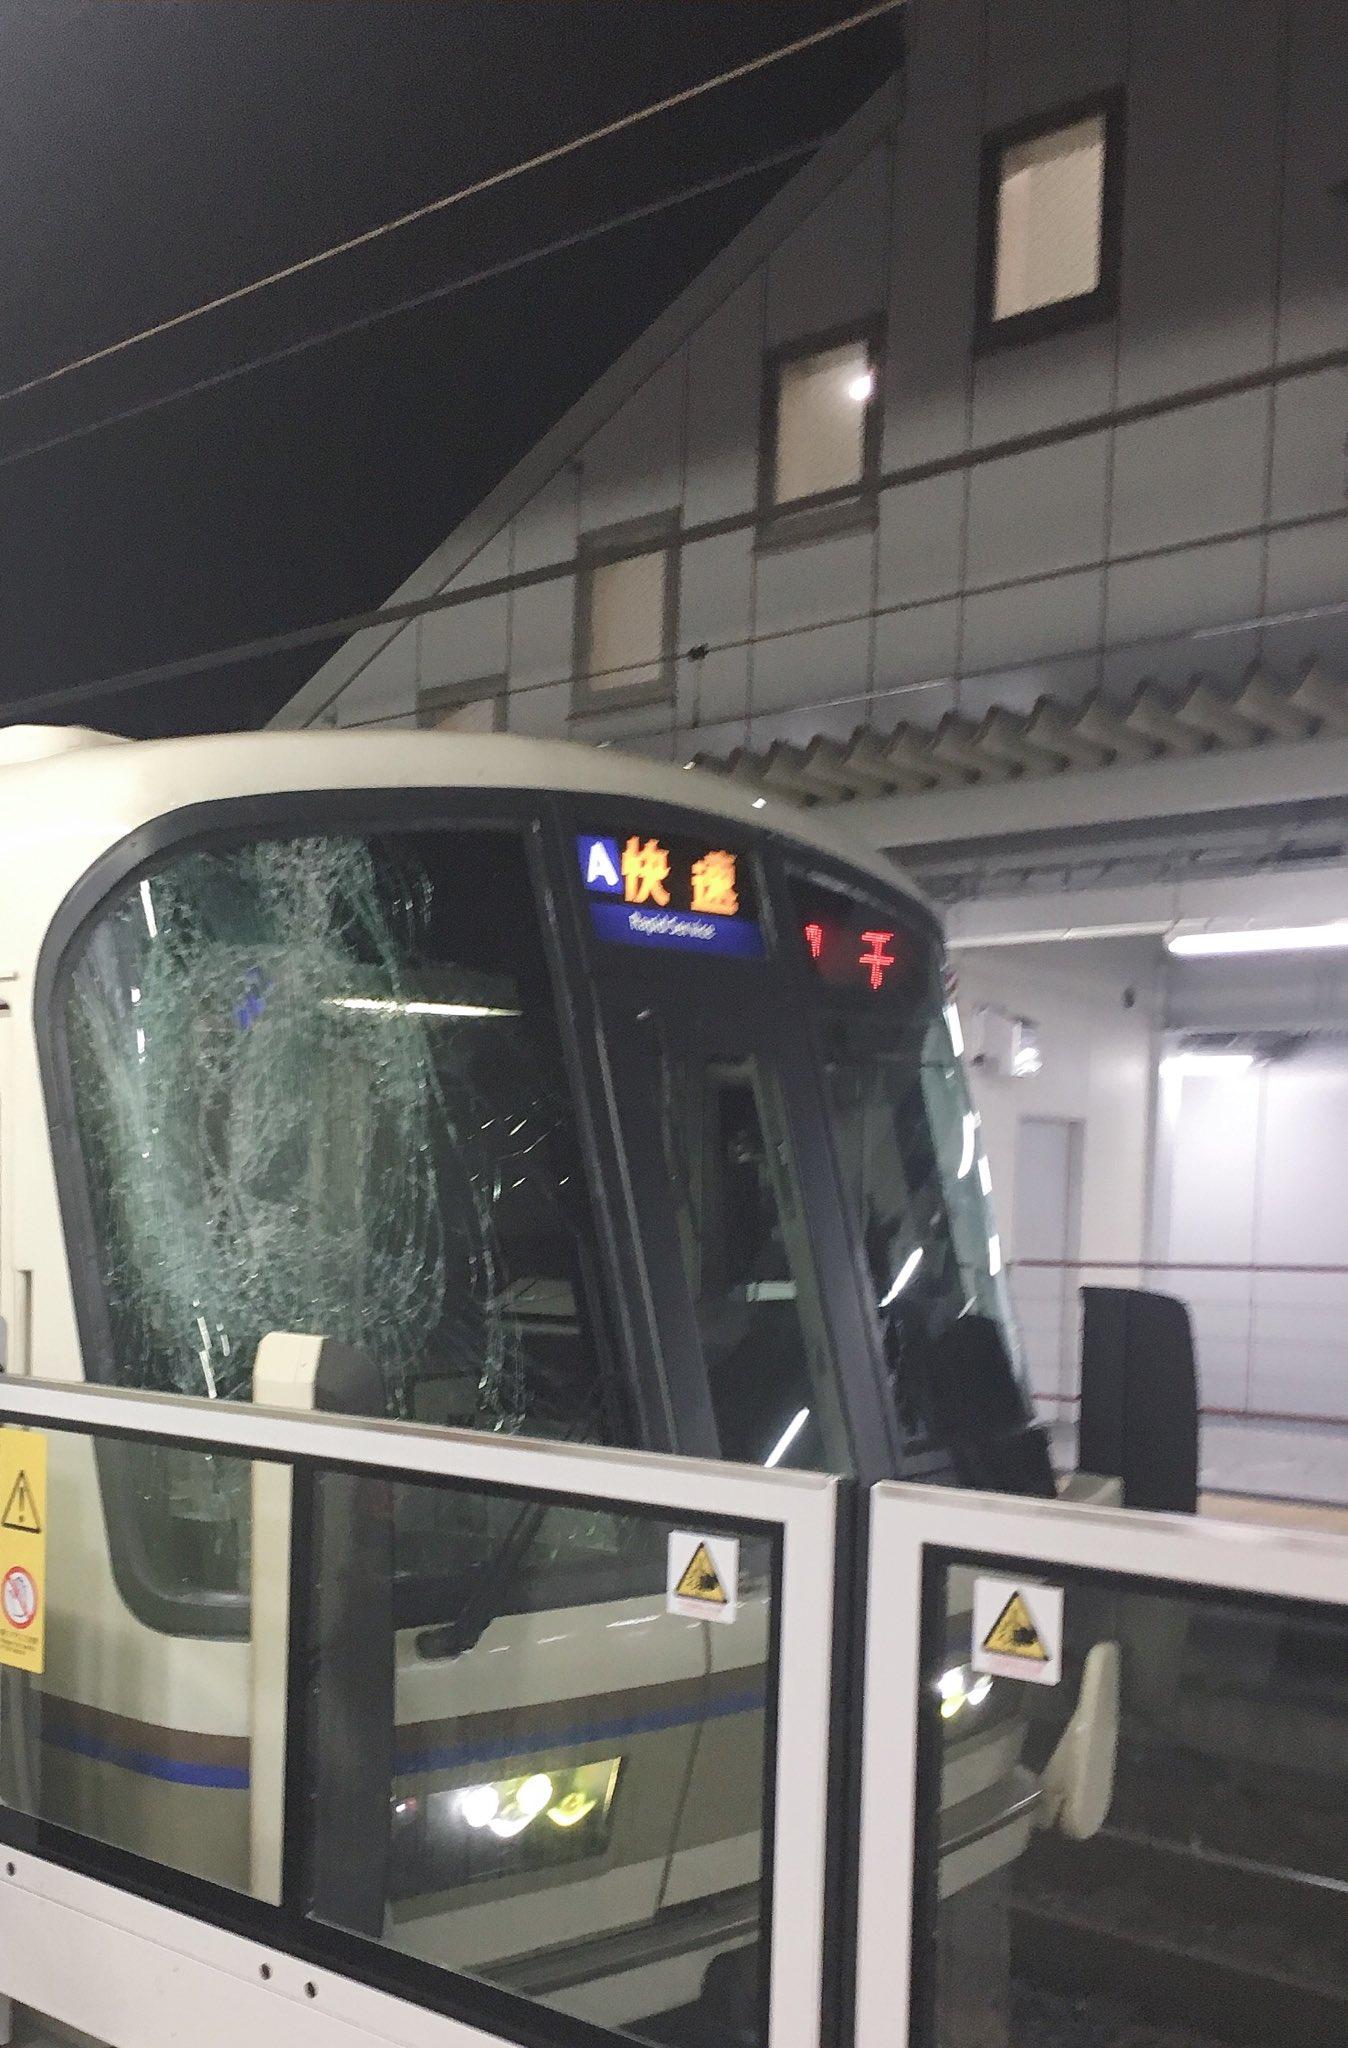 高槻駅で中学生が飛び込み自殺を図りフロントガラスが破損している画像